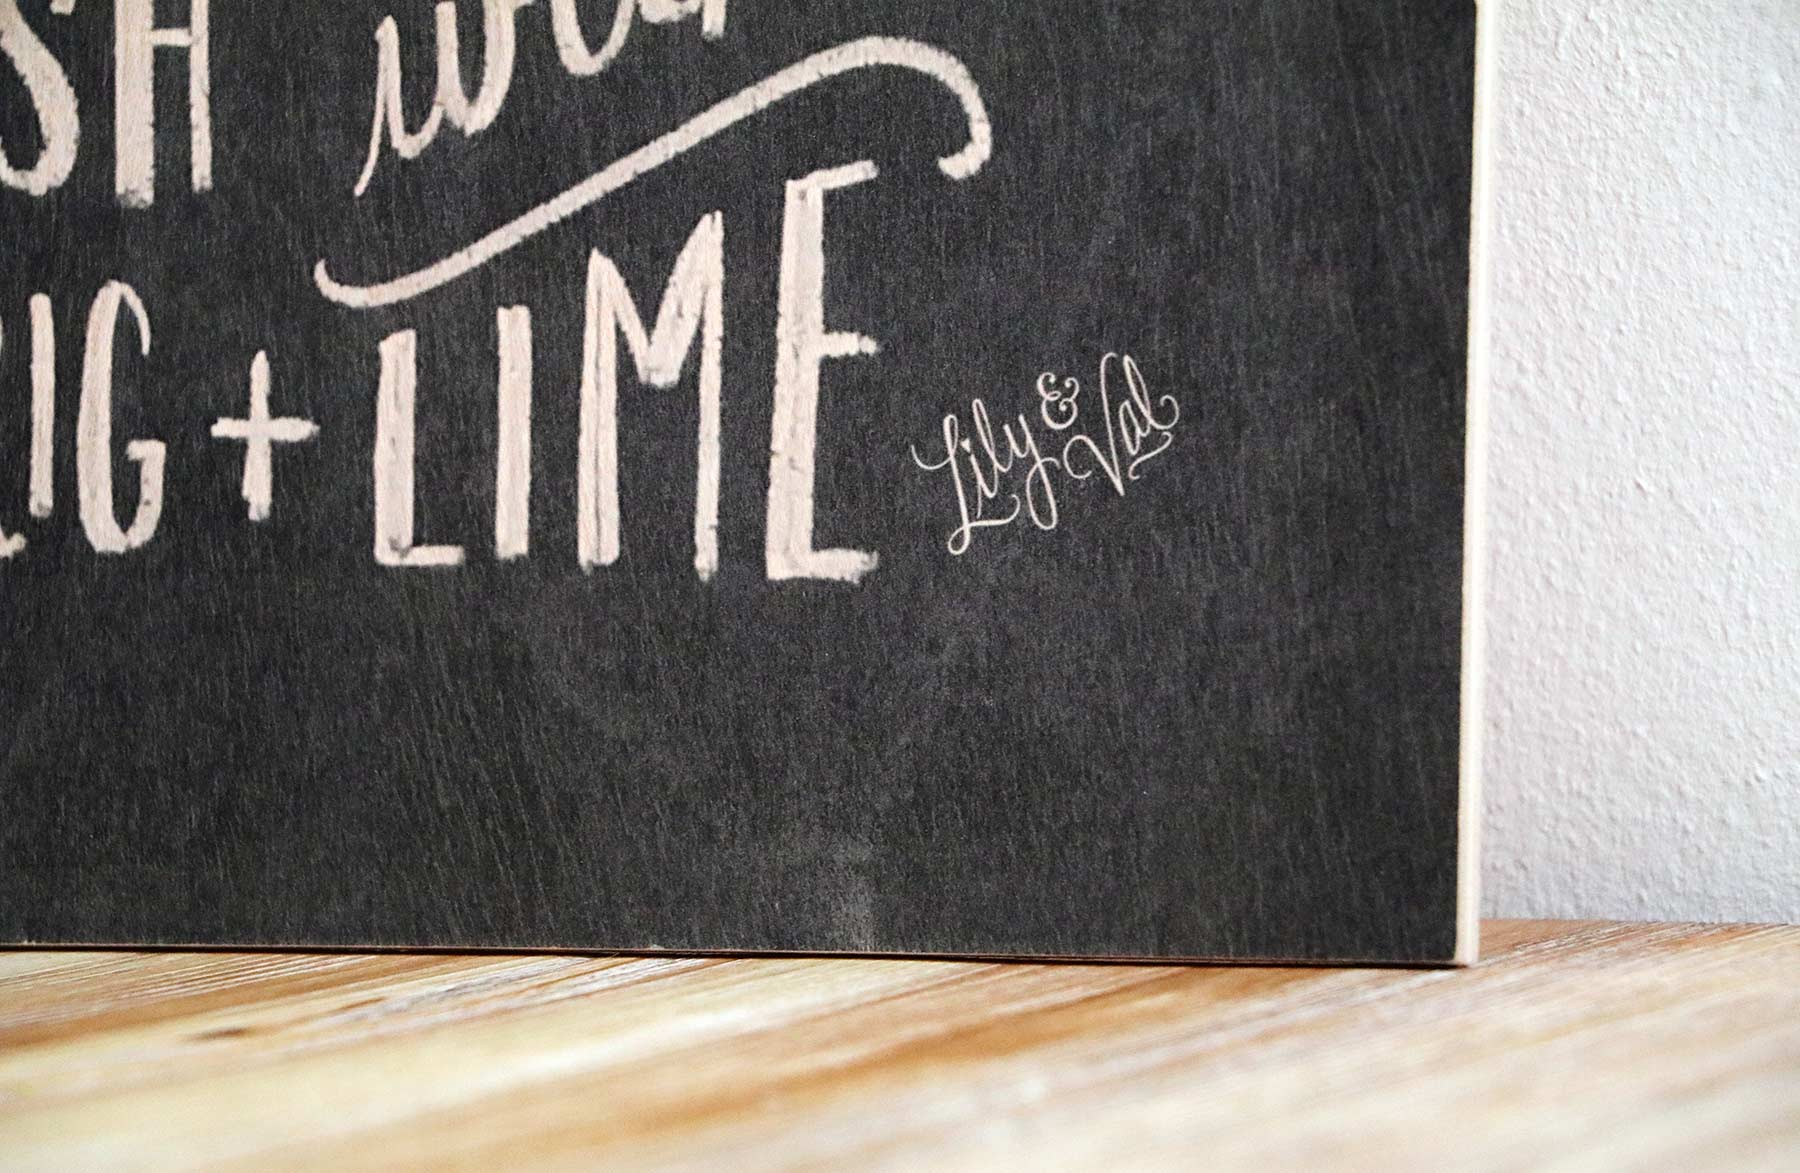 Holzbilddrucke von Posterlounge im Test posterlounge-holzbild-test_05